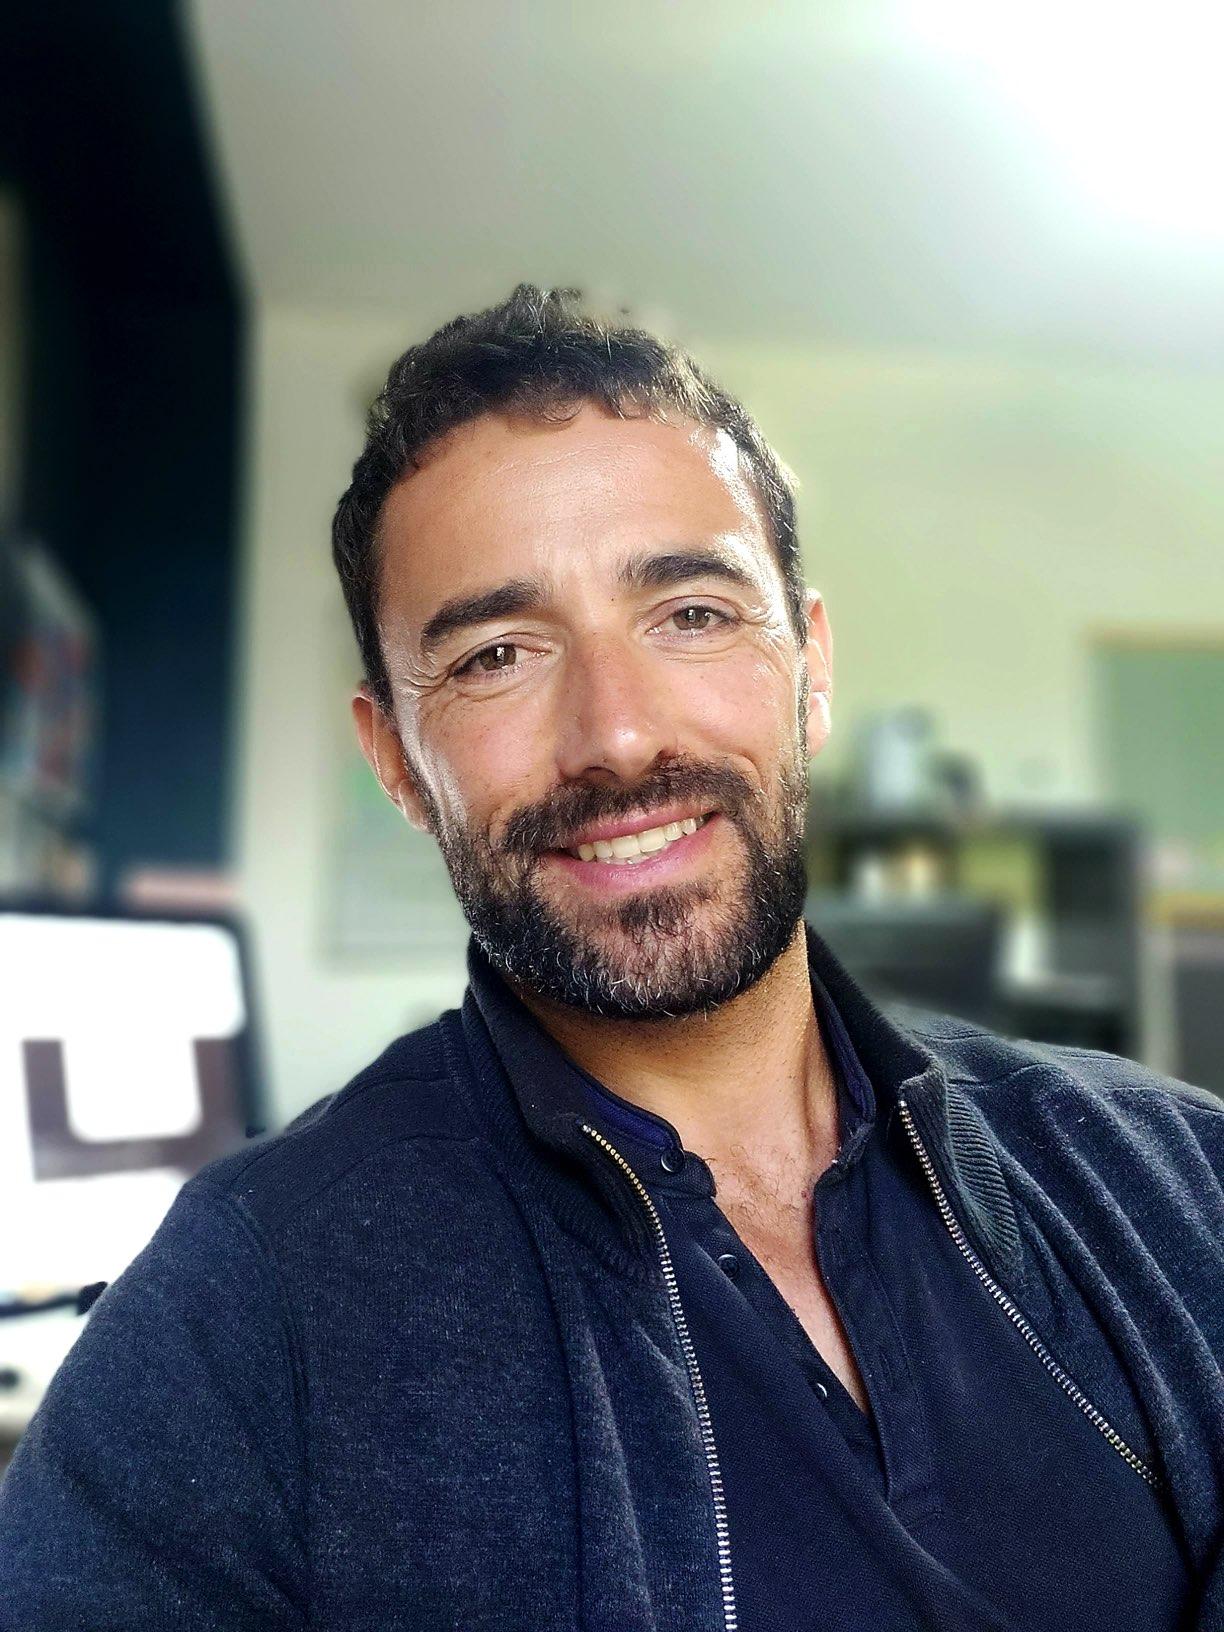 Yohan Triboulat nous parle de la situation actuelle de l'entreprise et son avenir